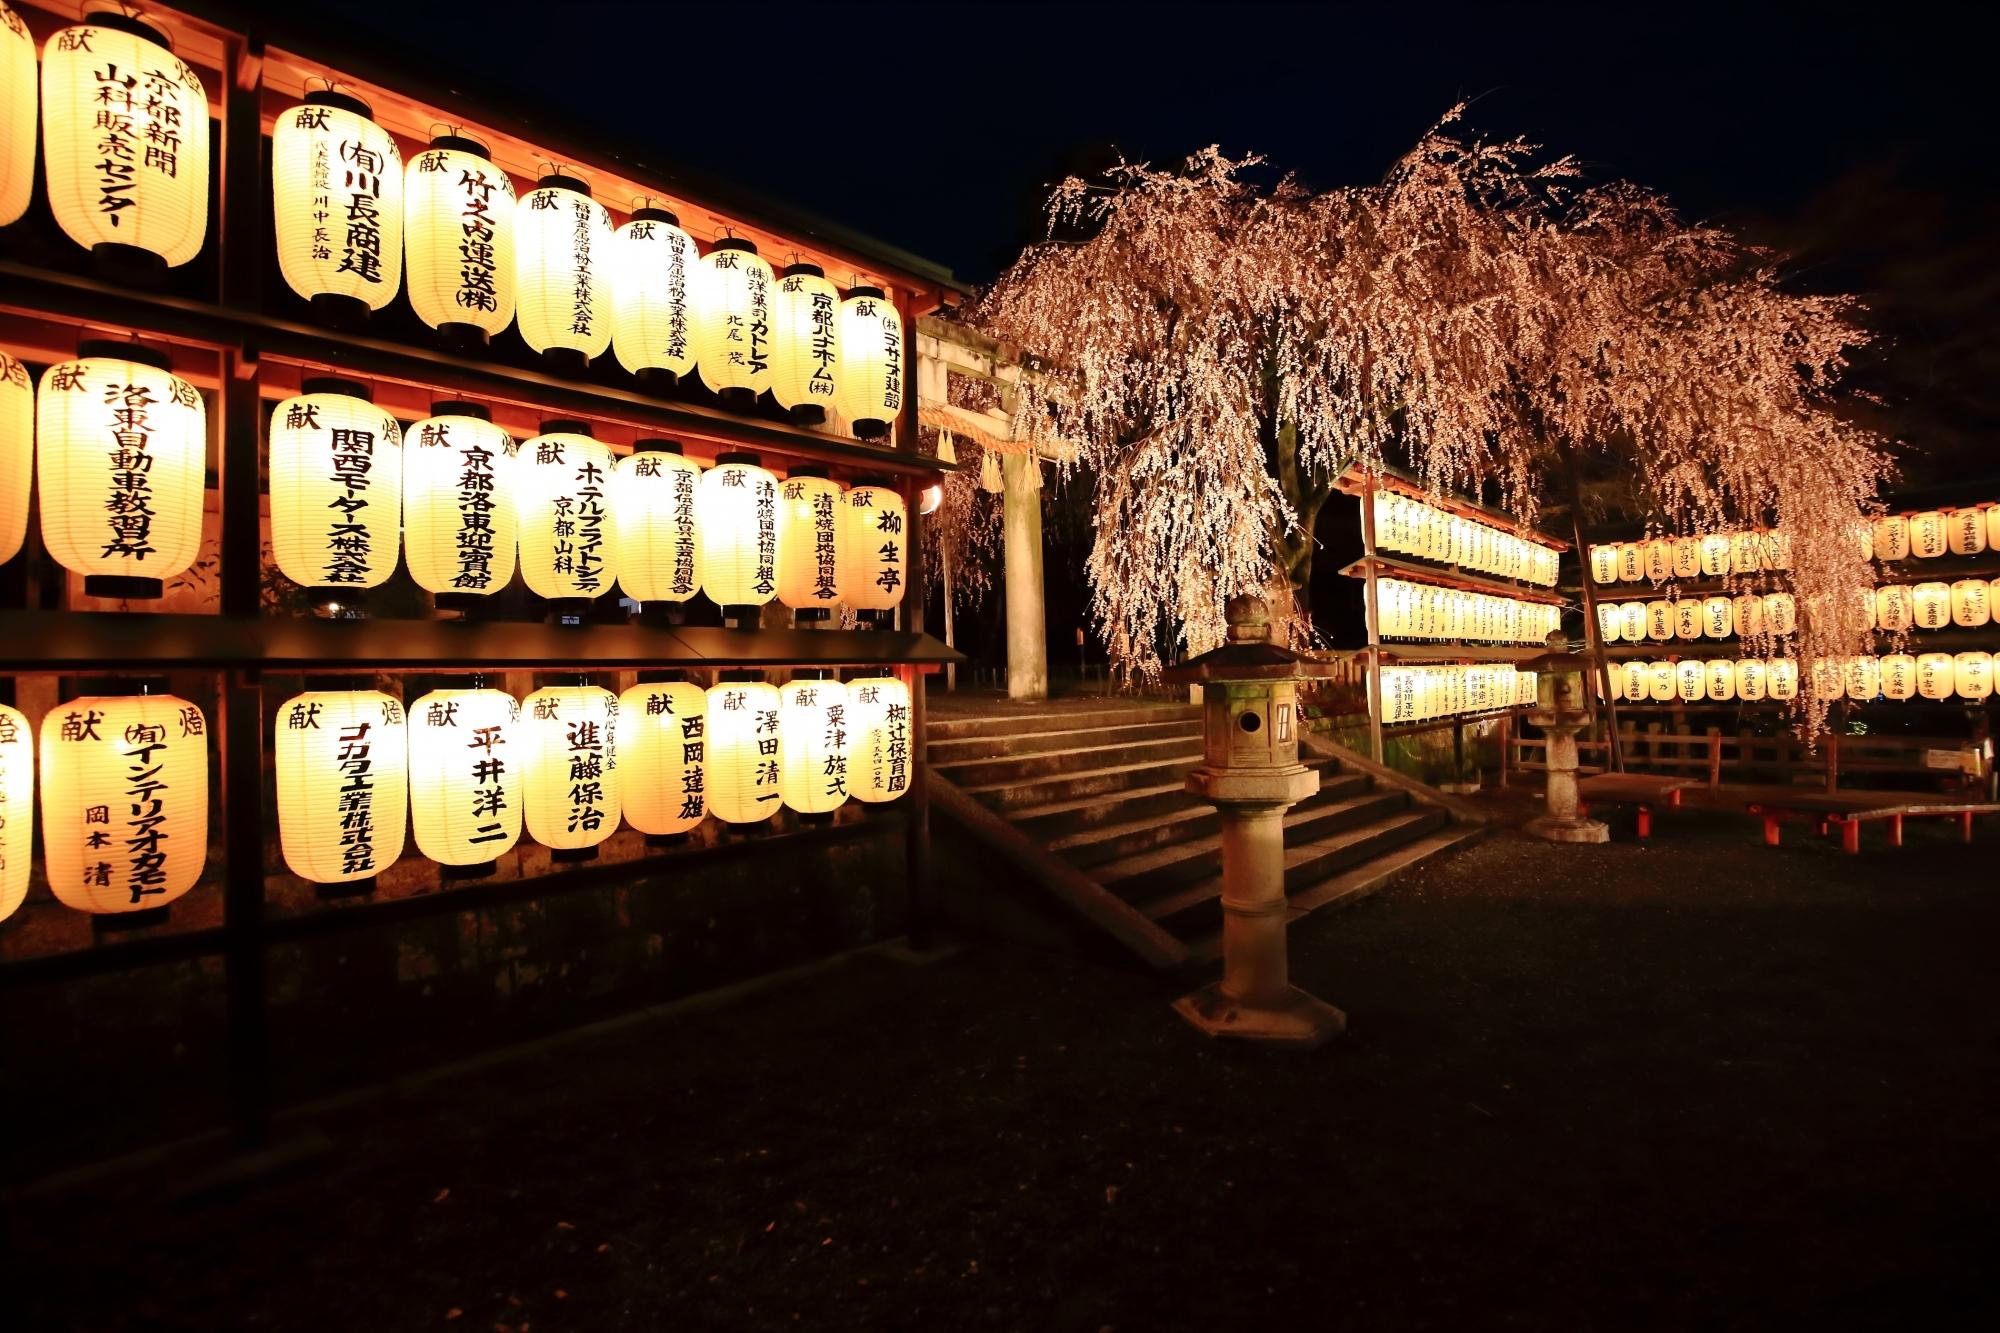 幻想的な雰囲気が漂う大石神社